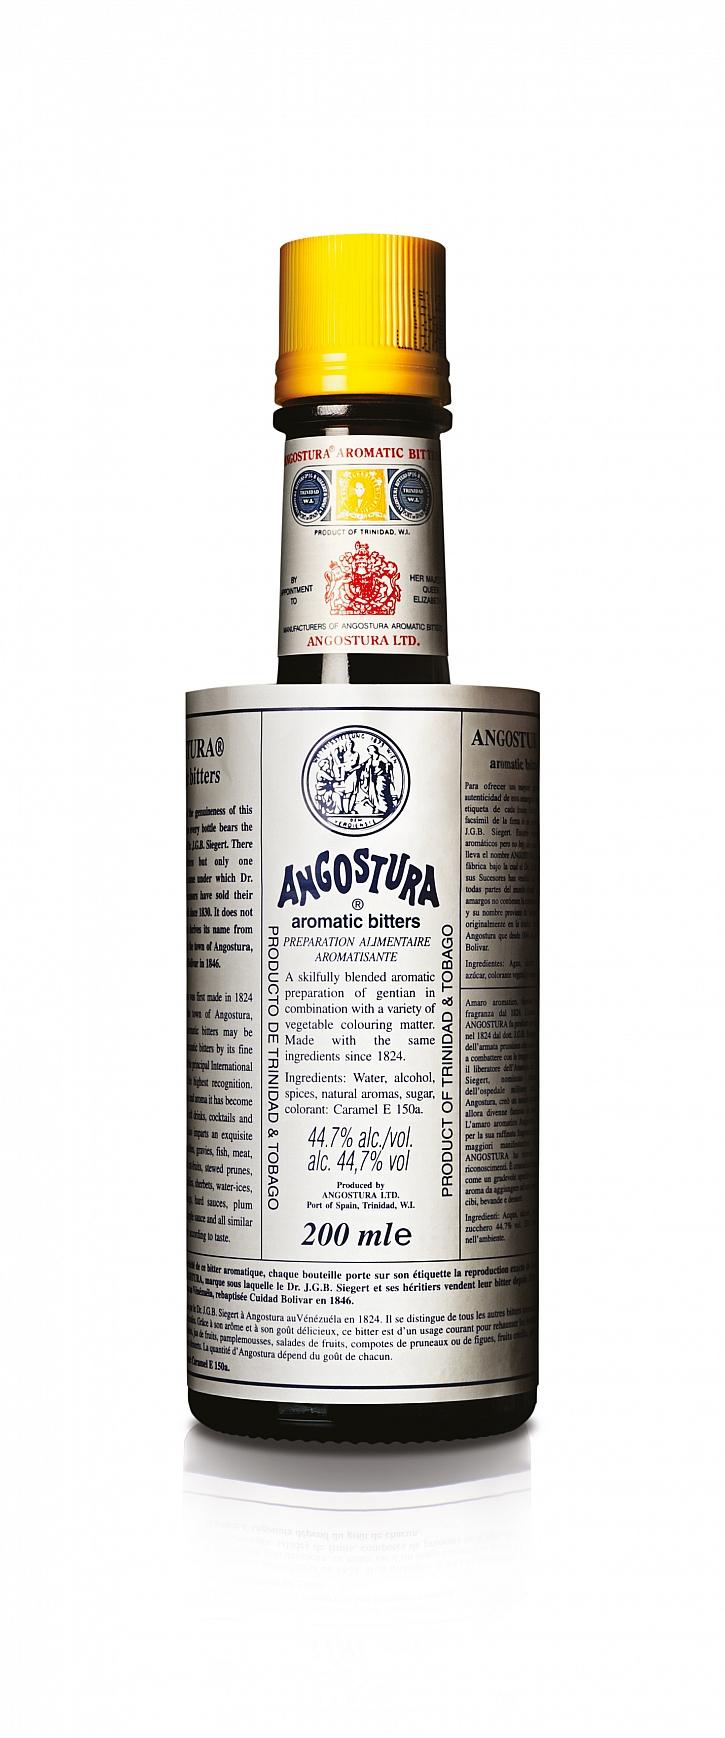 1877_Angostura_Aromatic_bitters1